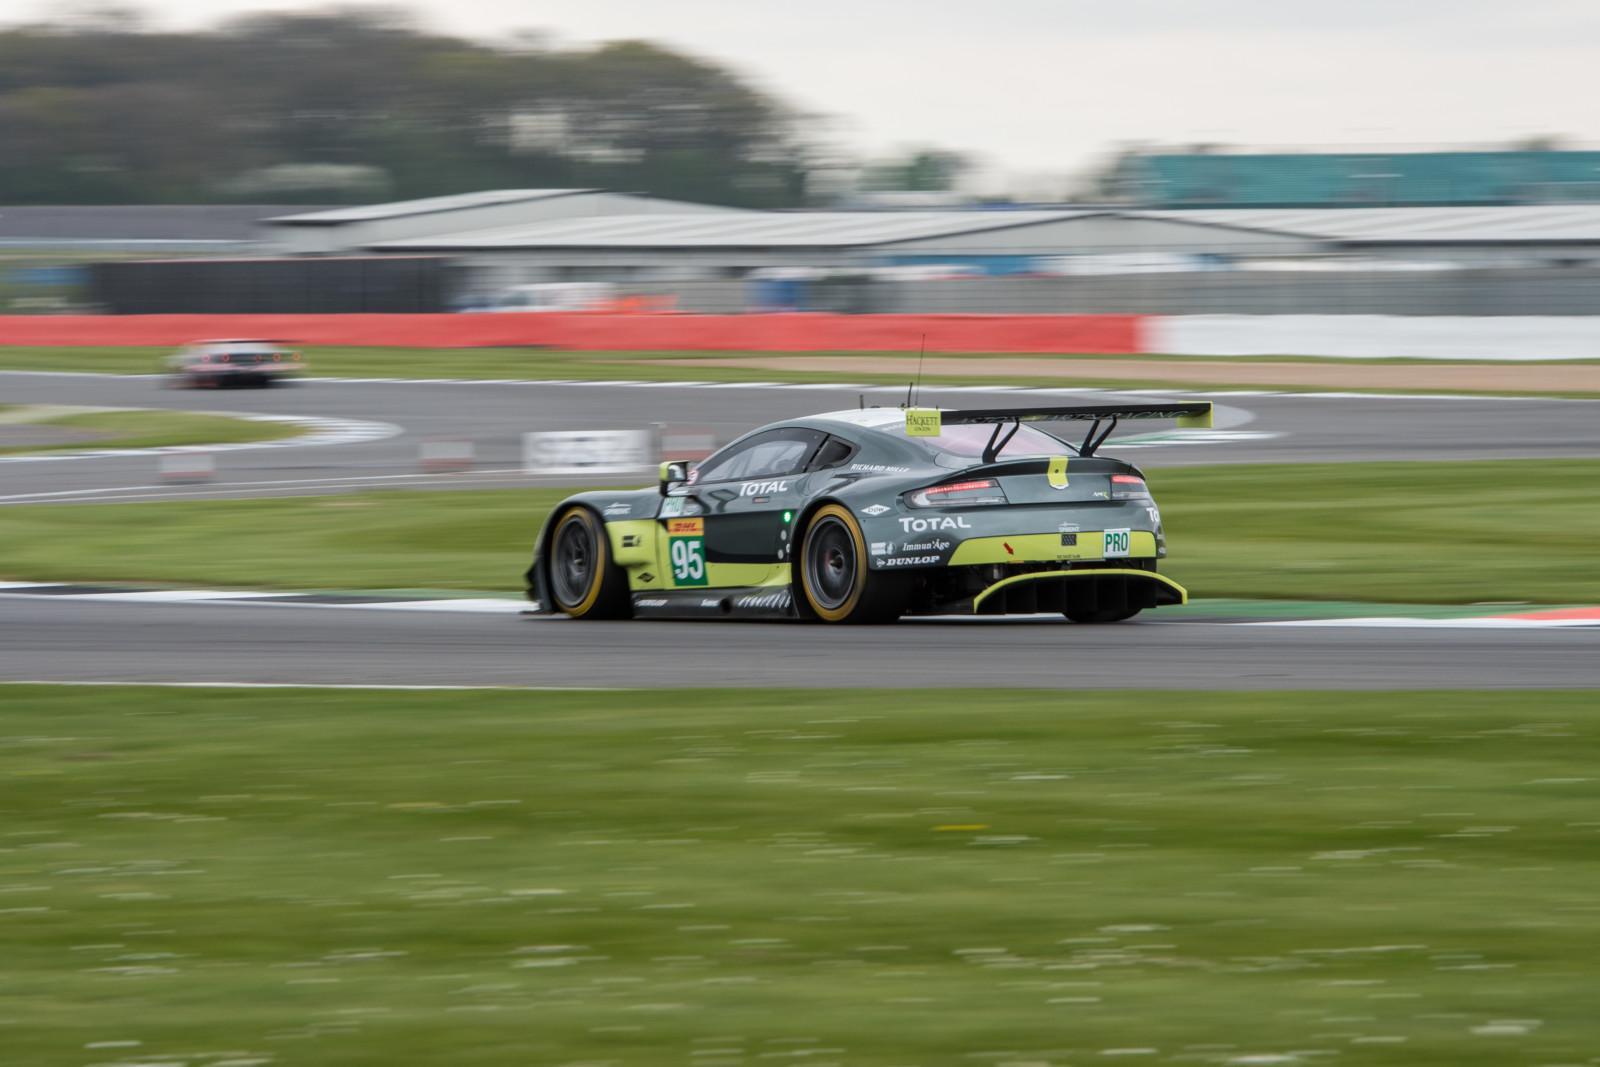 6 Heures De Silverstone Toyota Devant Comme Pr 233 Vu Rebellion Et Aston Martin Bien Plac 233 S